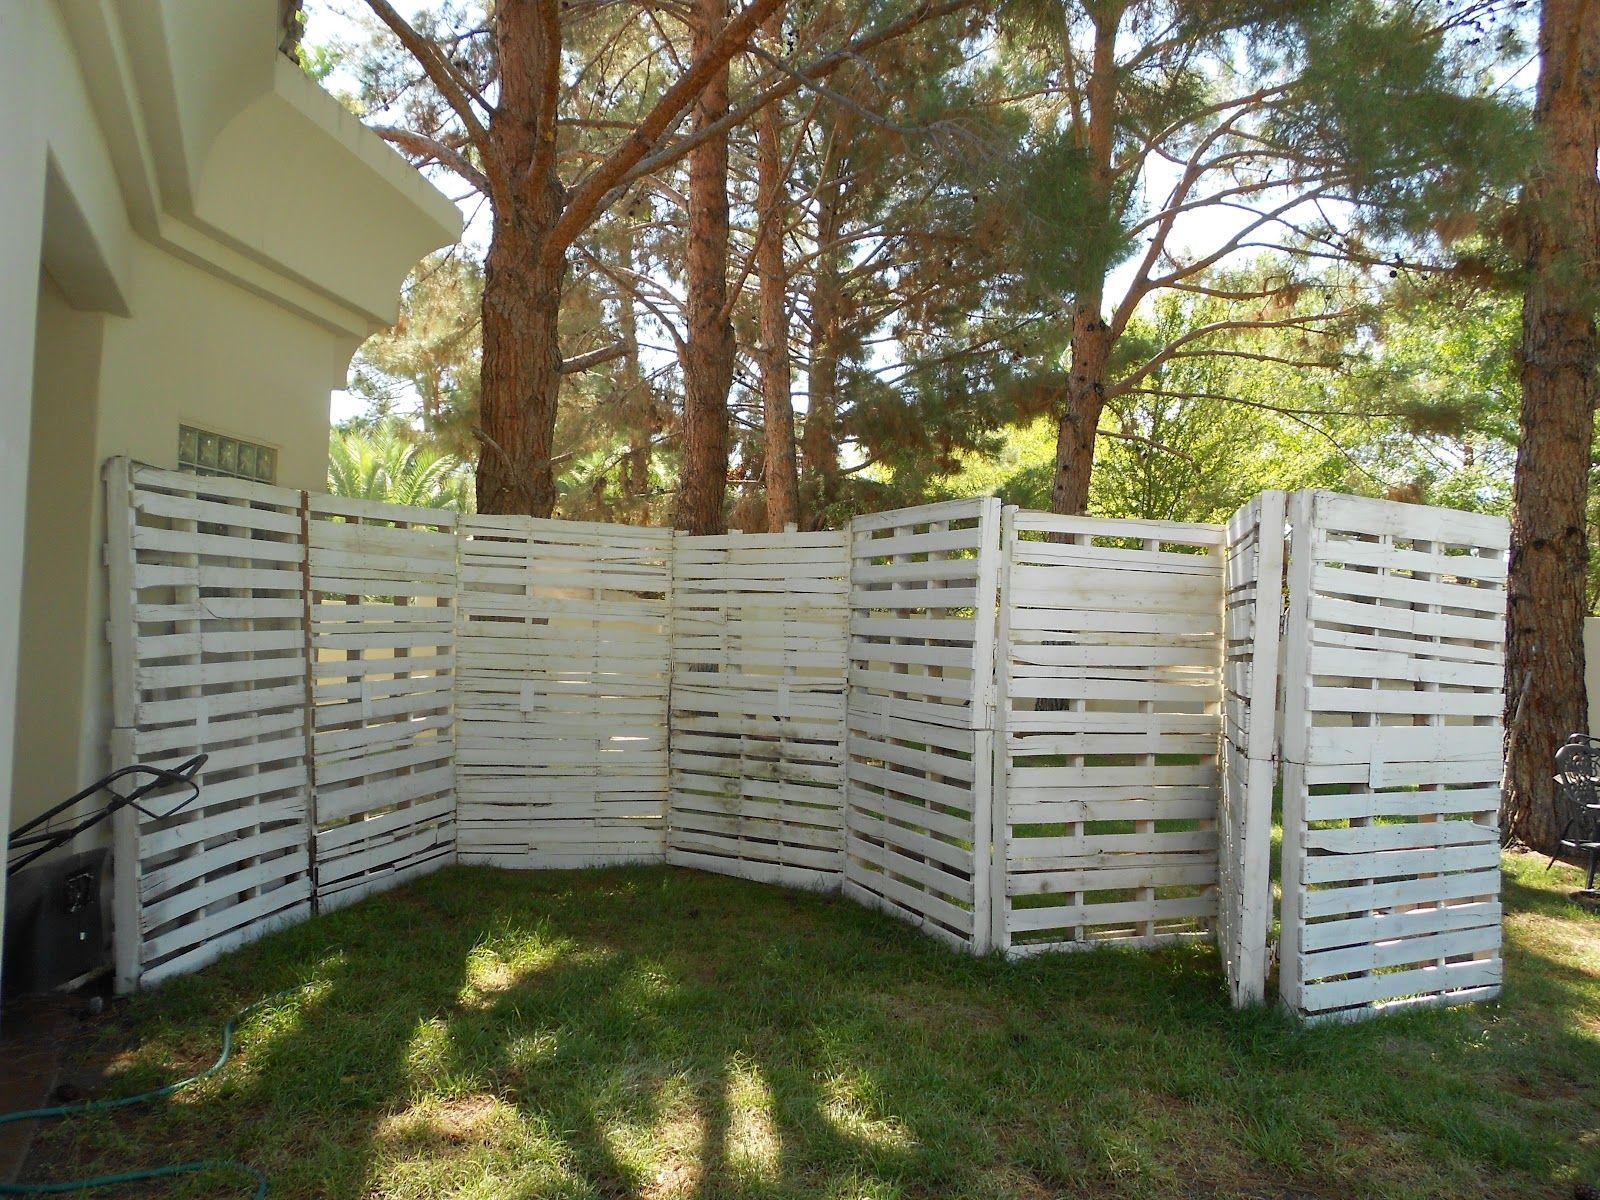 душанбе расположены стены из паллет фото частый вопрос натуральным